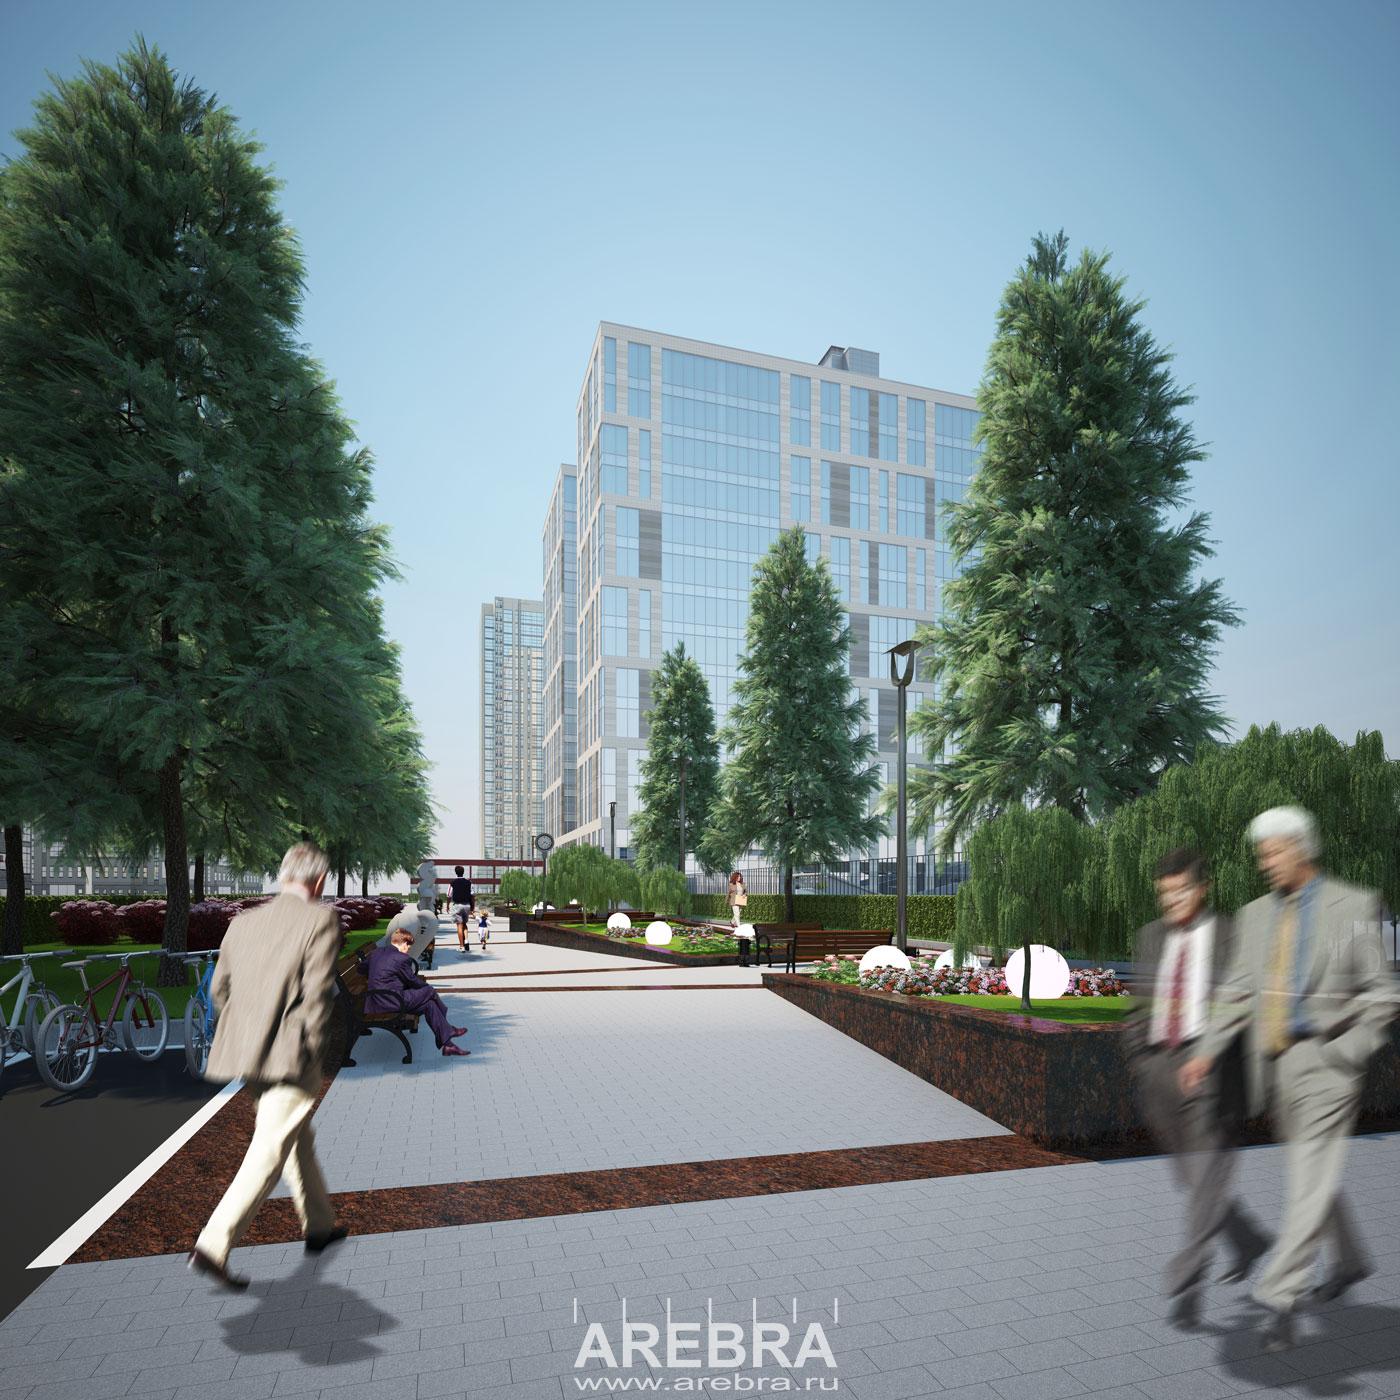 Дизайн проект благоустройства аллеи СПБ, пр. Дунайский